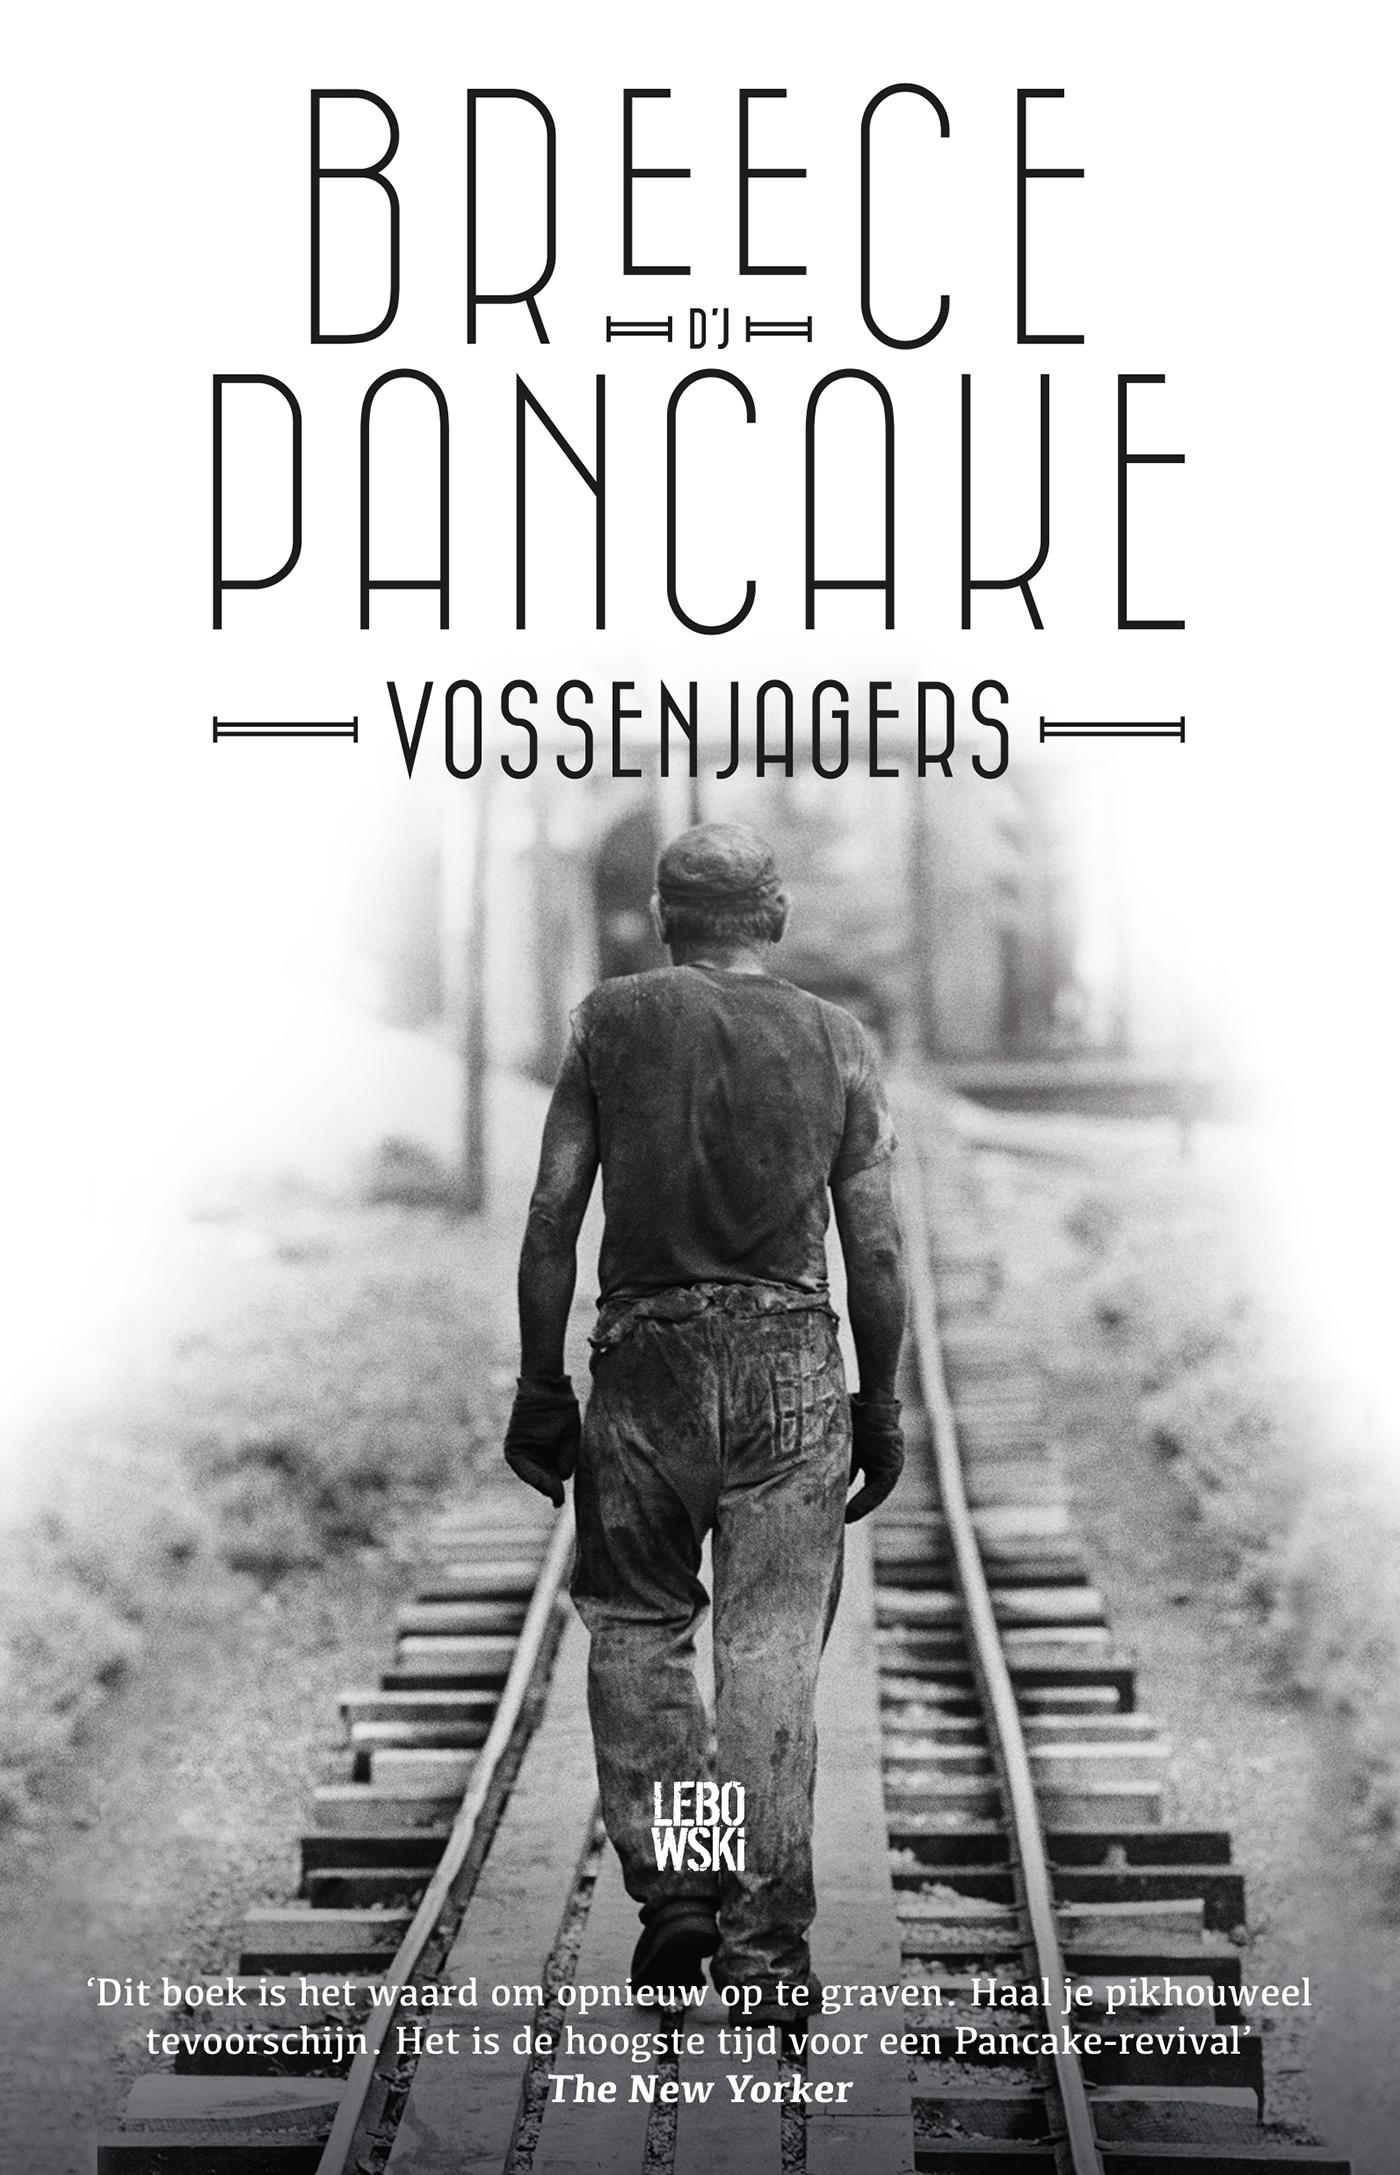 Vossenjagers – Breece DJ Pancake